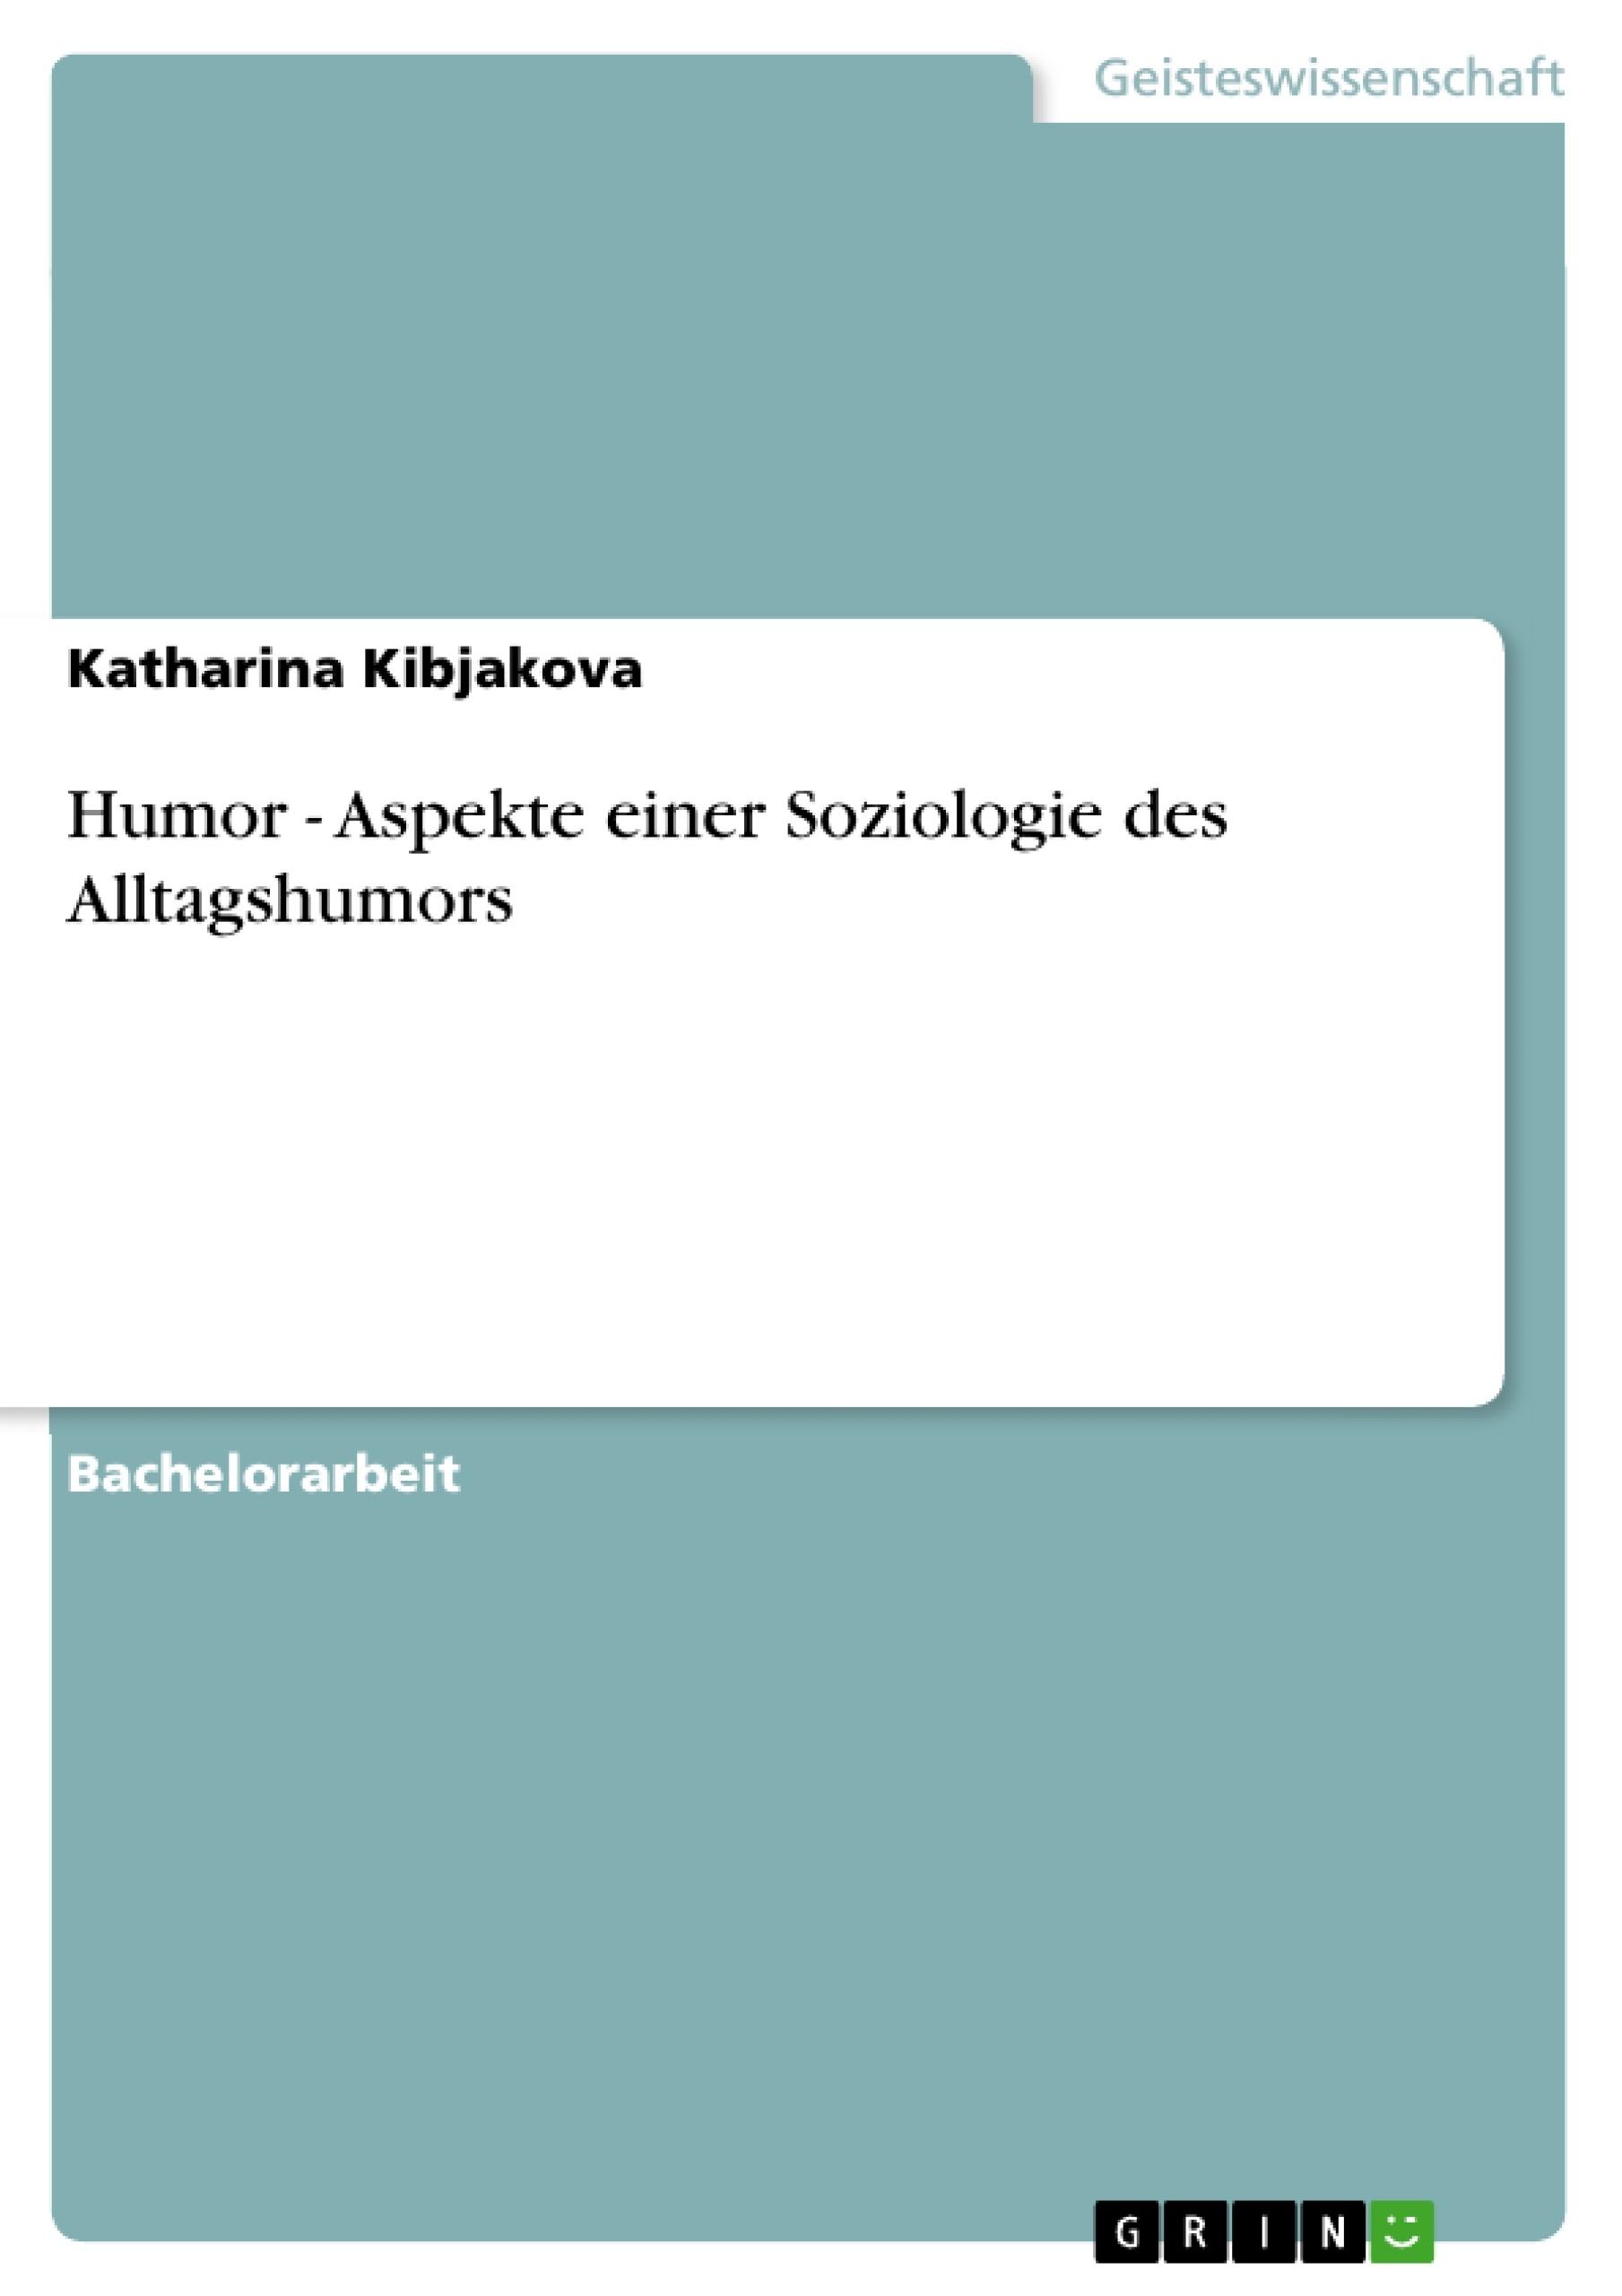 Titel: Humor - Aspekte einer Soziologie des Alltagshumors